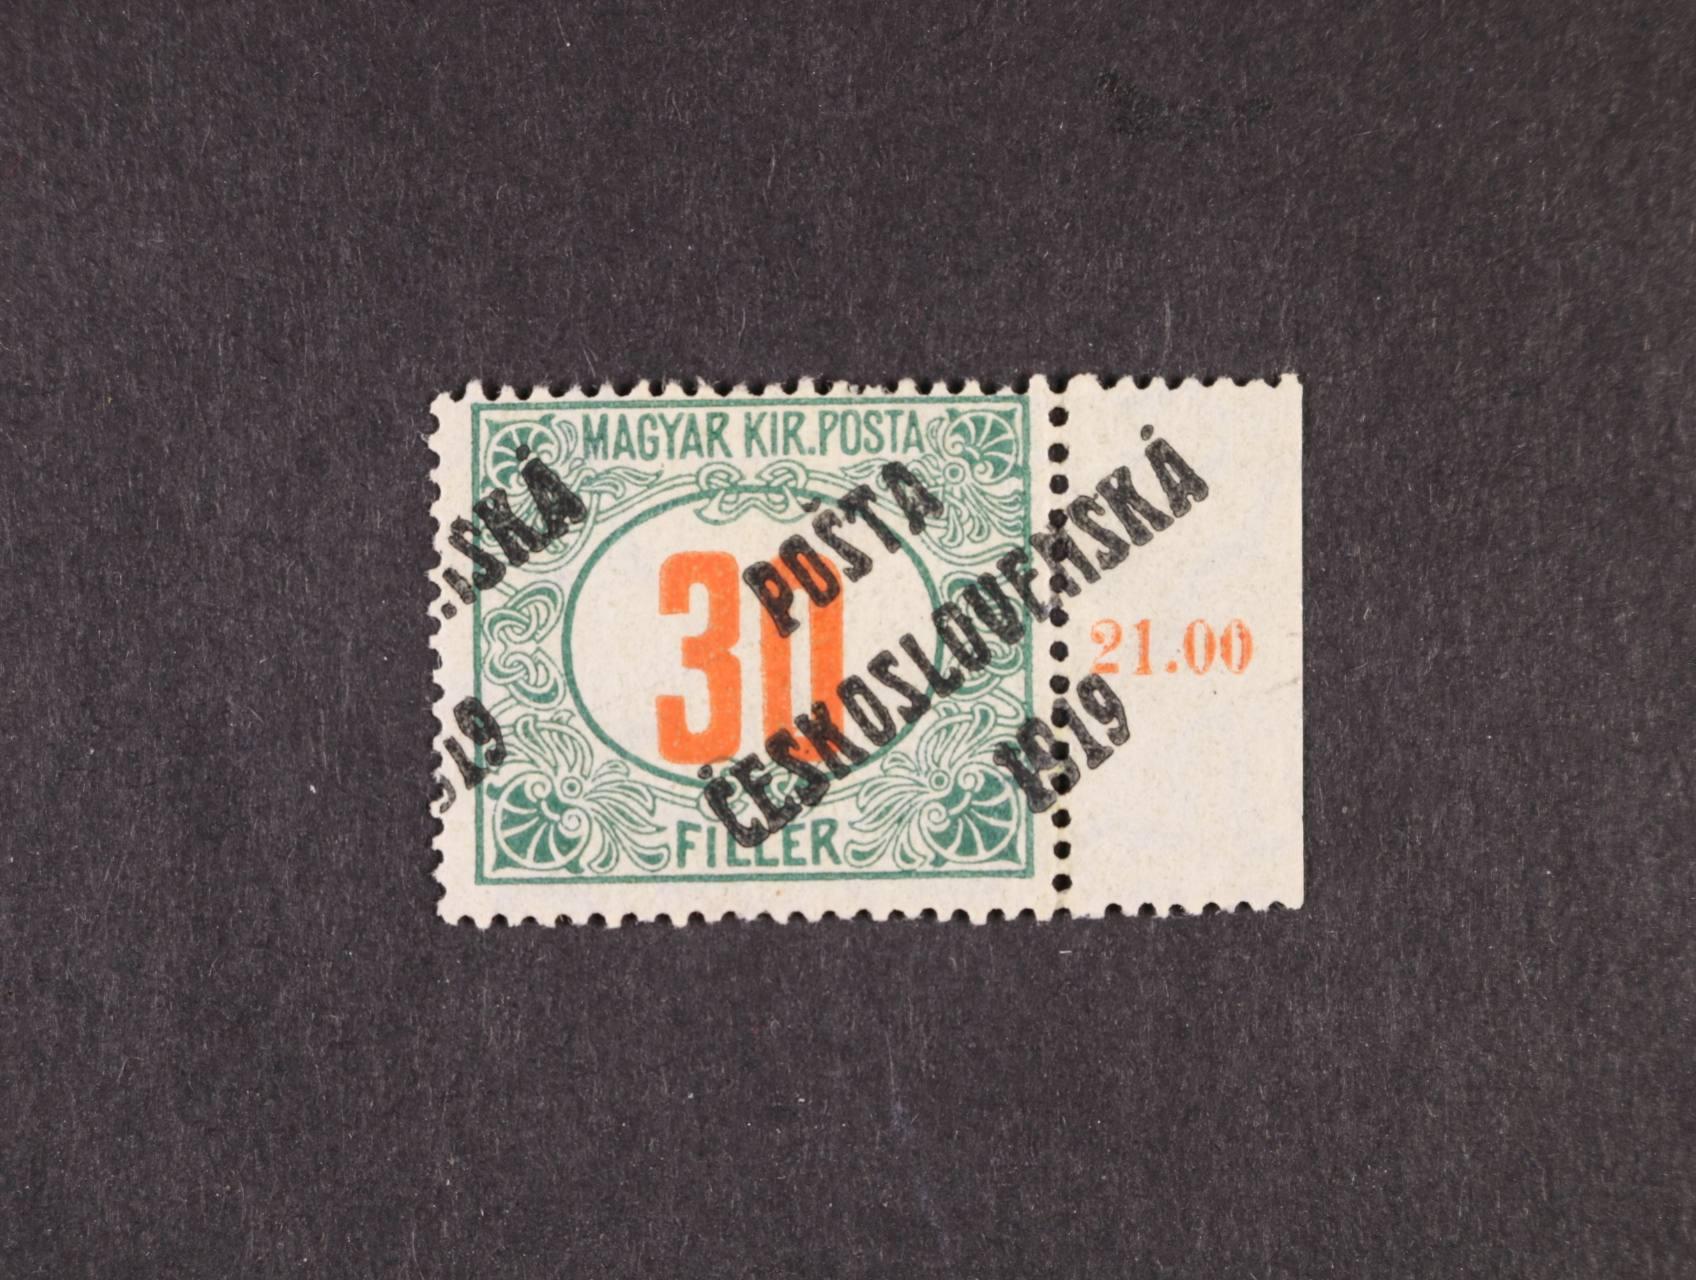 zn. č. 139, typ II s pravým okrajem a silným posunem přetisku vpravo až mimo zn. do okraje, zk. Stupka